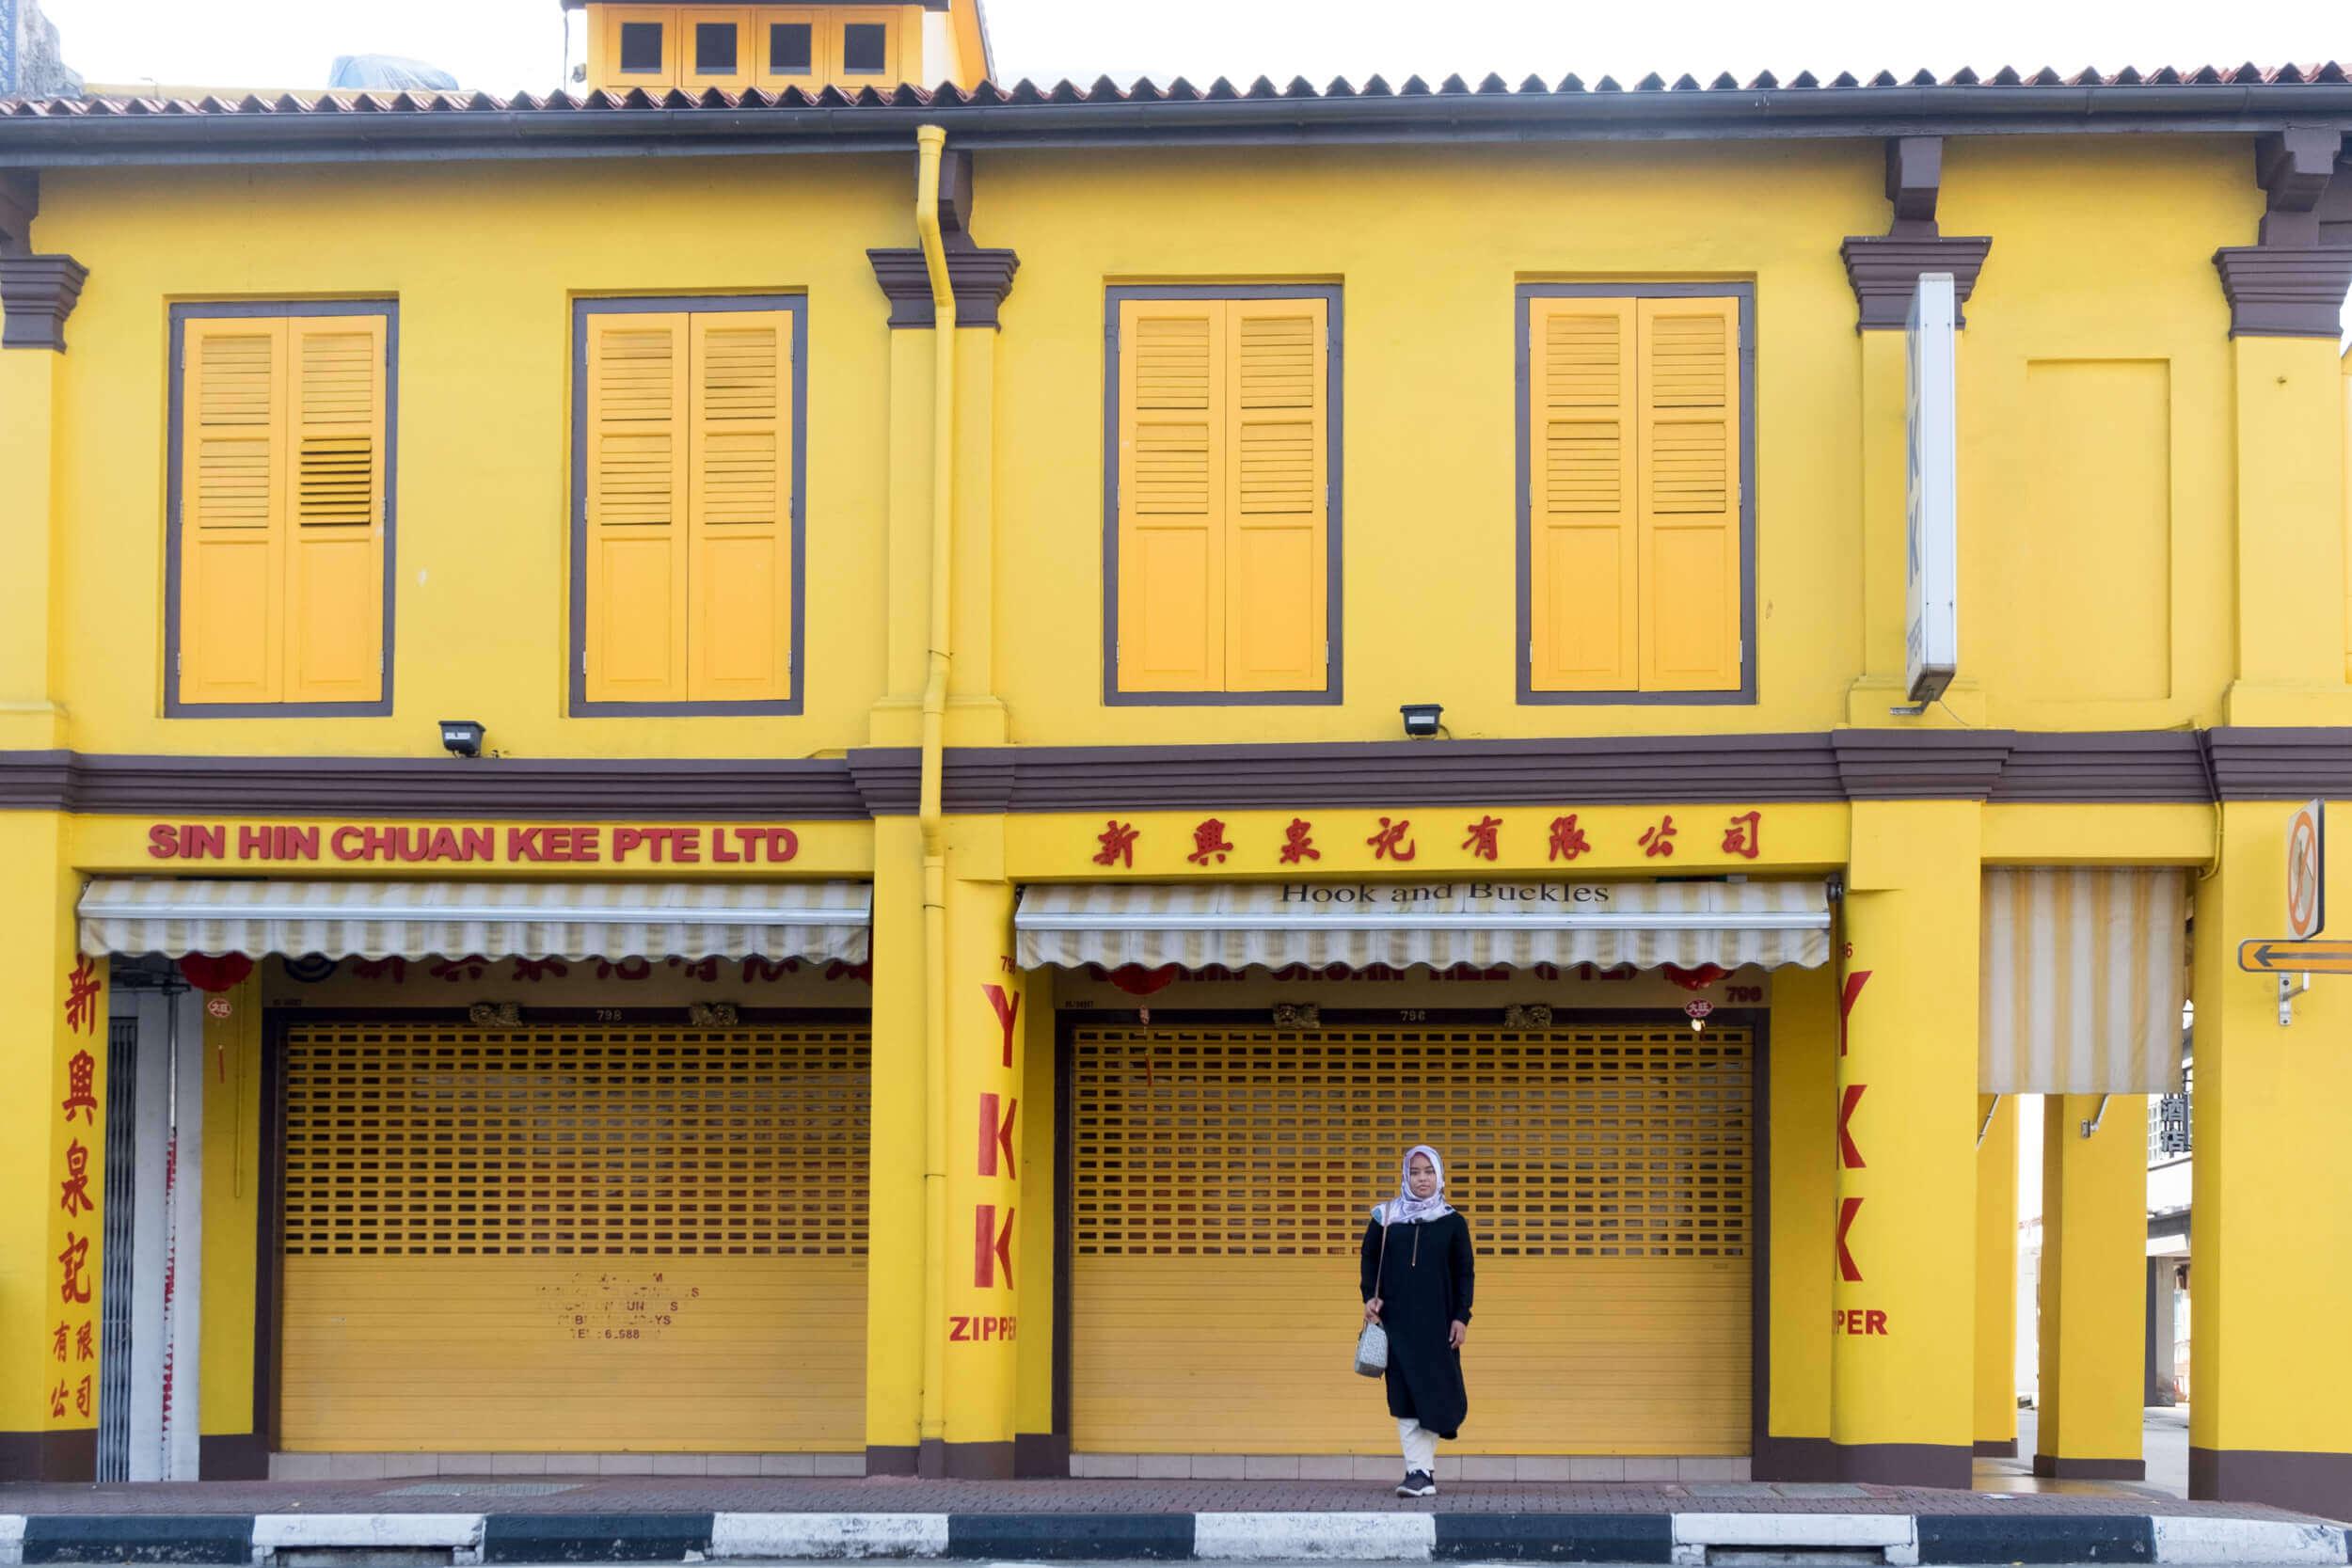 Singapore Trip - Bugis